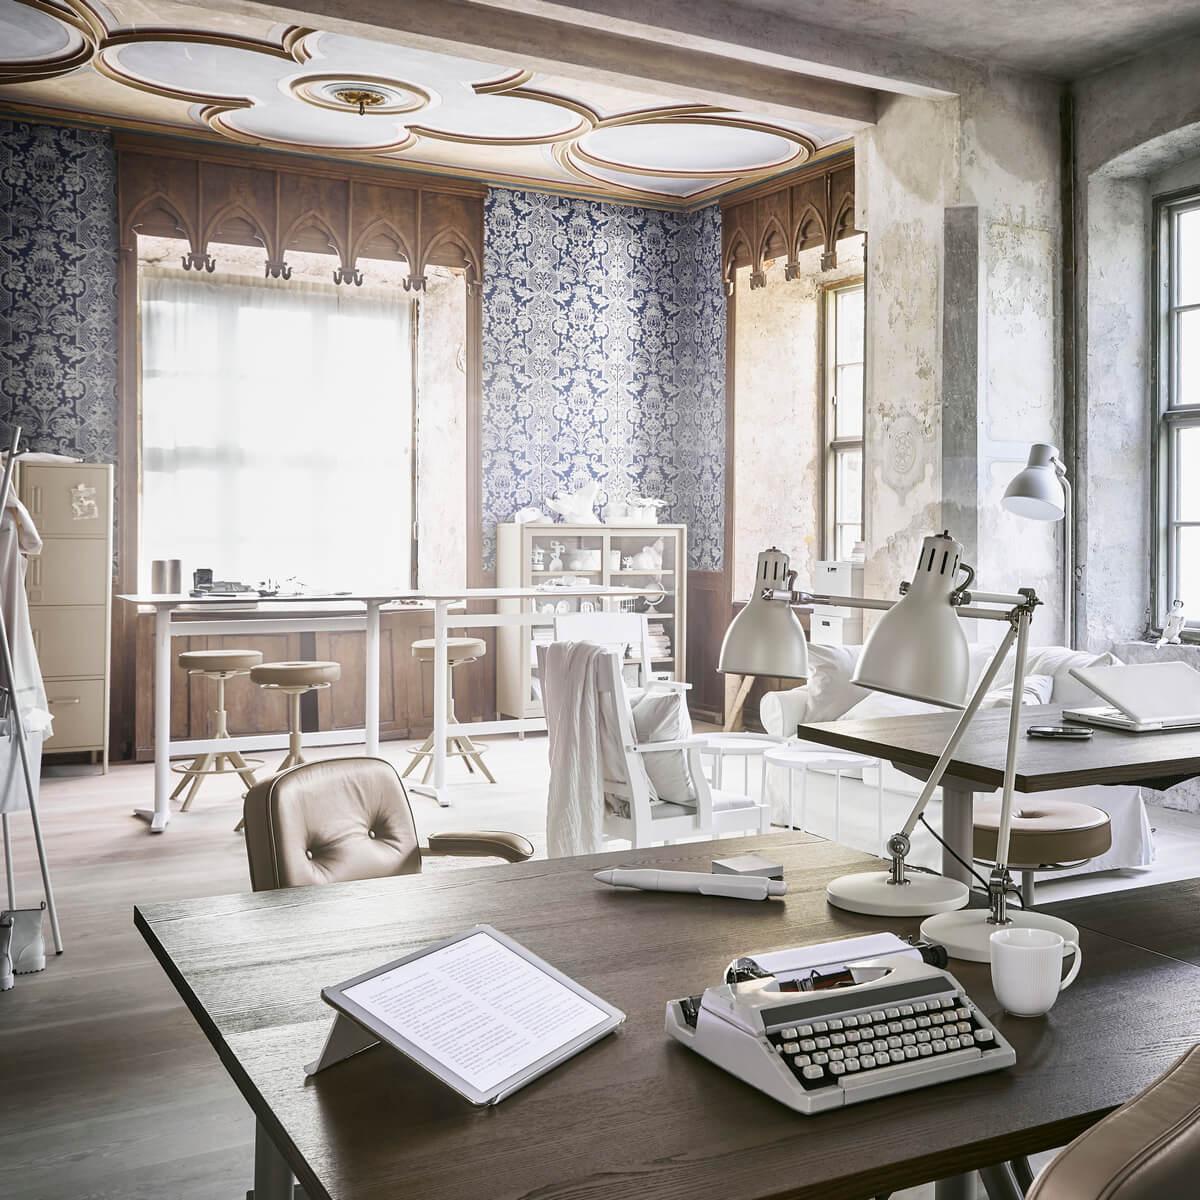 อิเกีย แนะนำเฟอร์นิเจอร์ใหม่เพื่อออฟฟิศใส่ใจสุขภาพ 3 - decorate